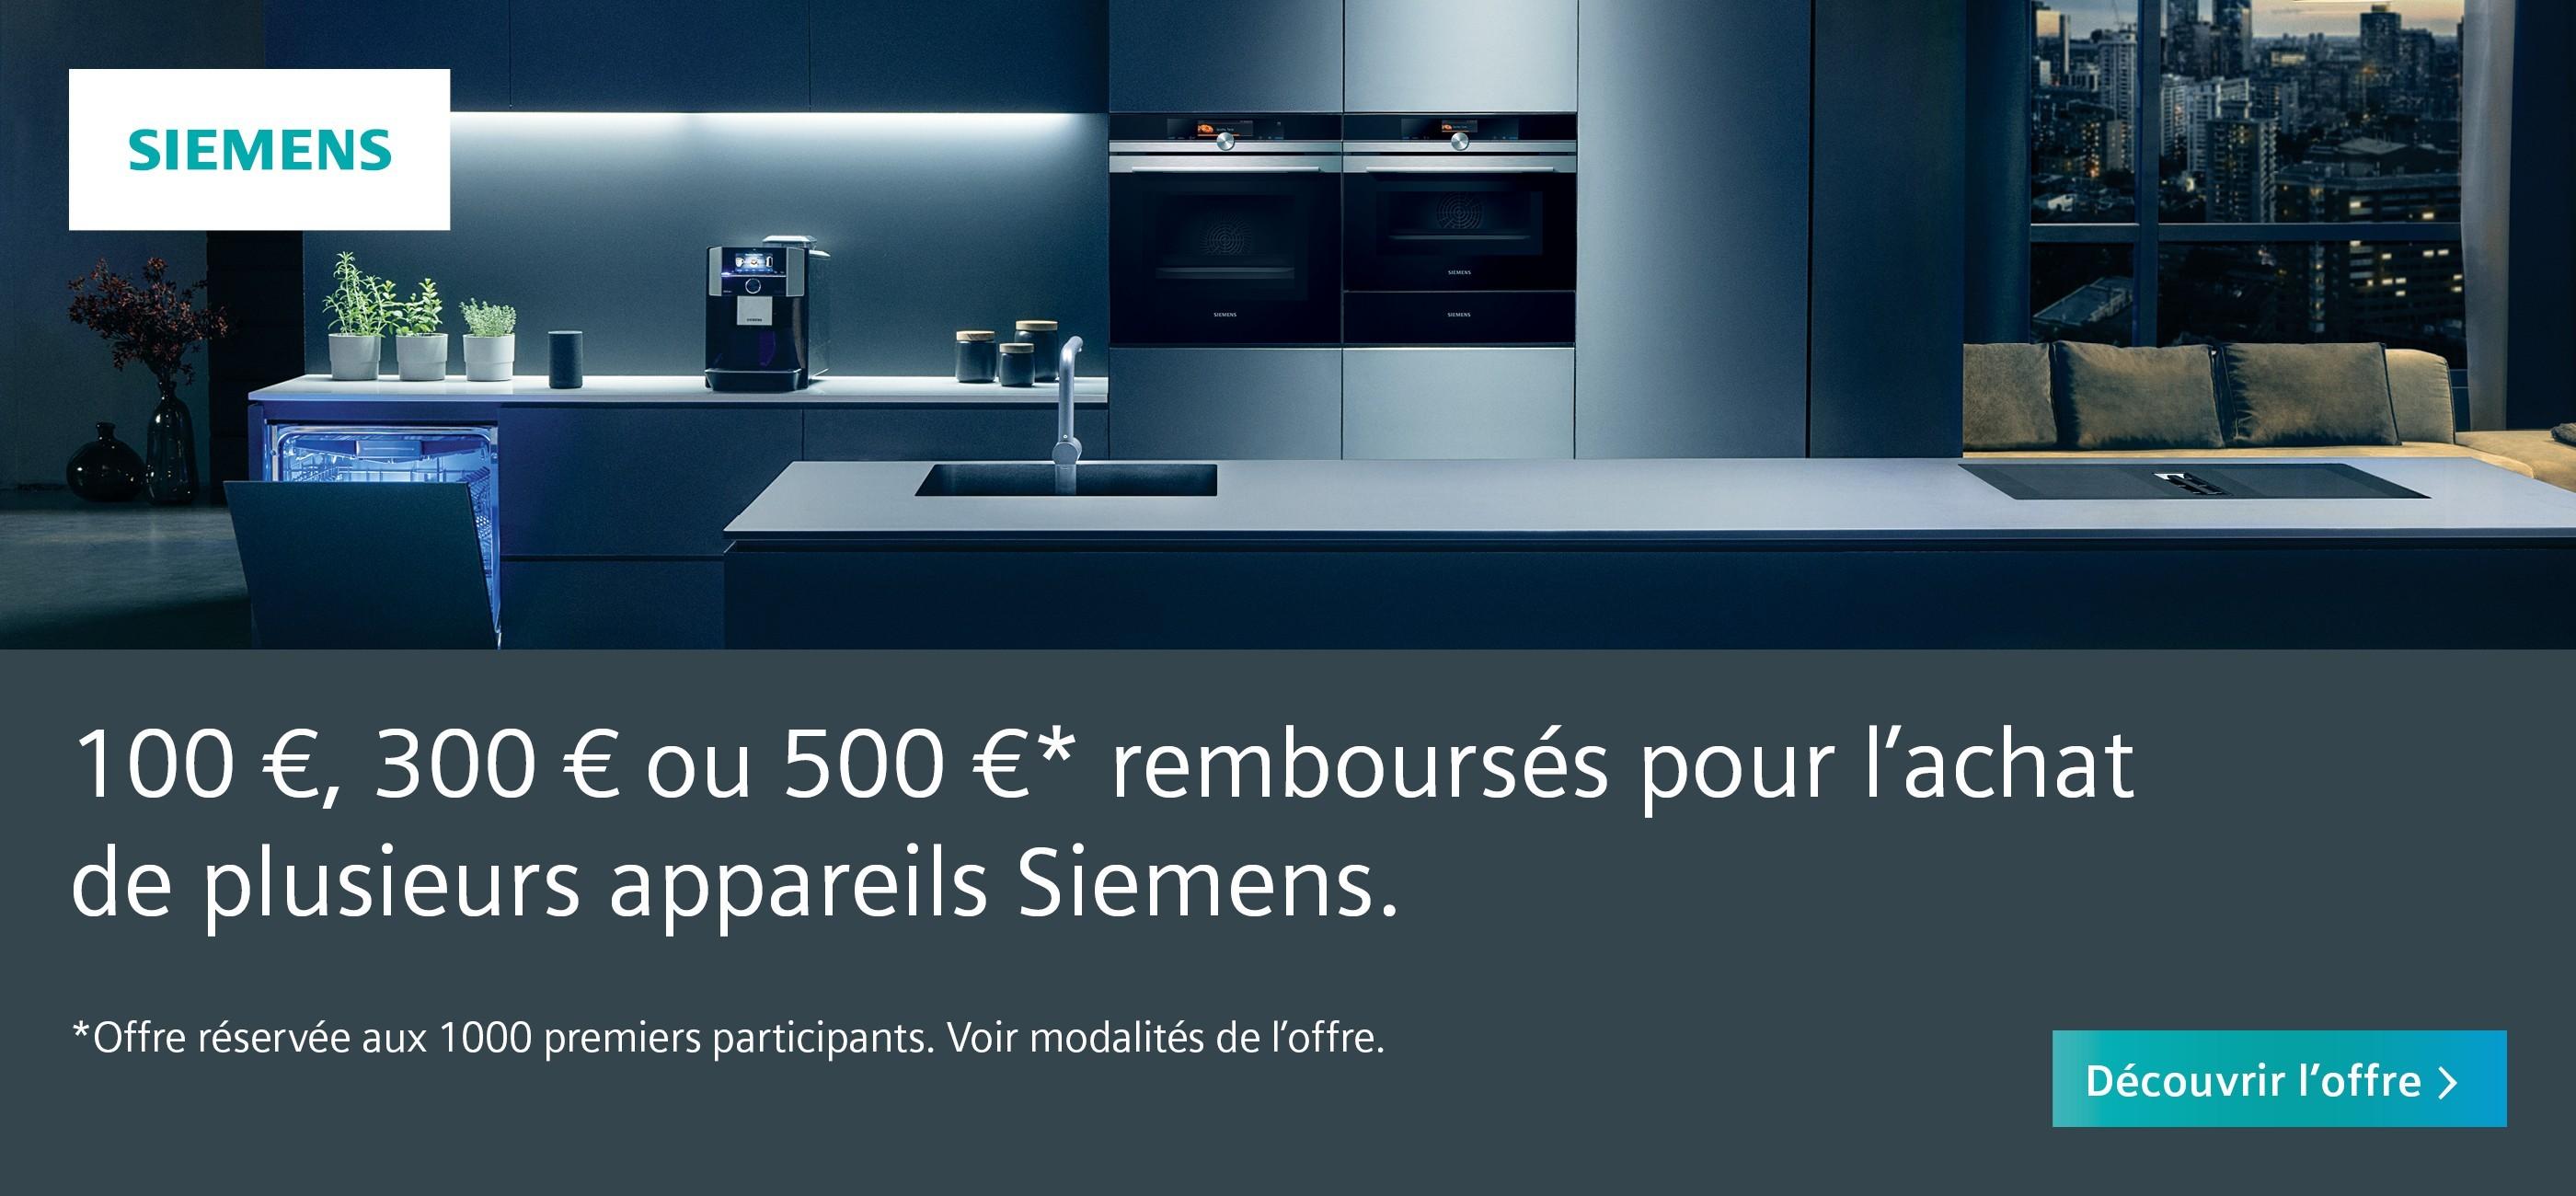 Siemens ete